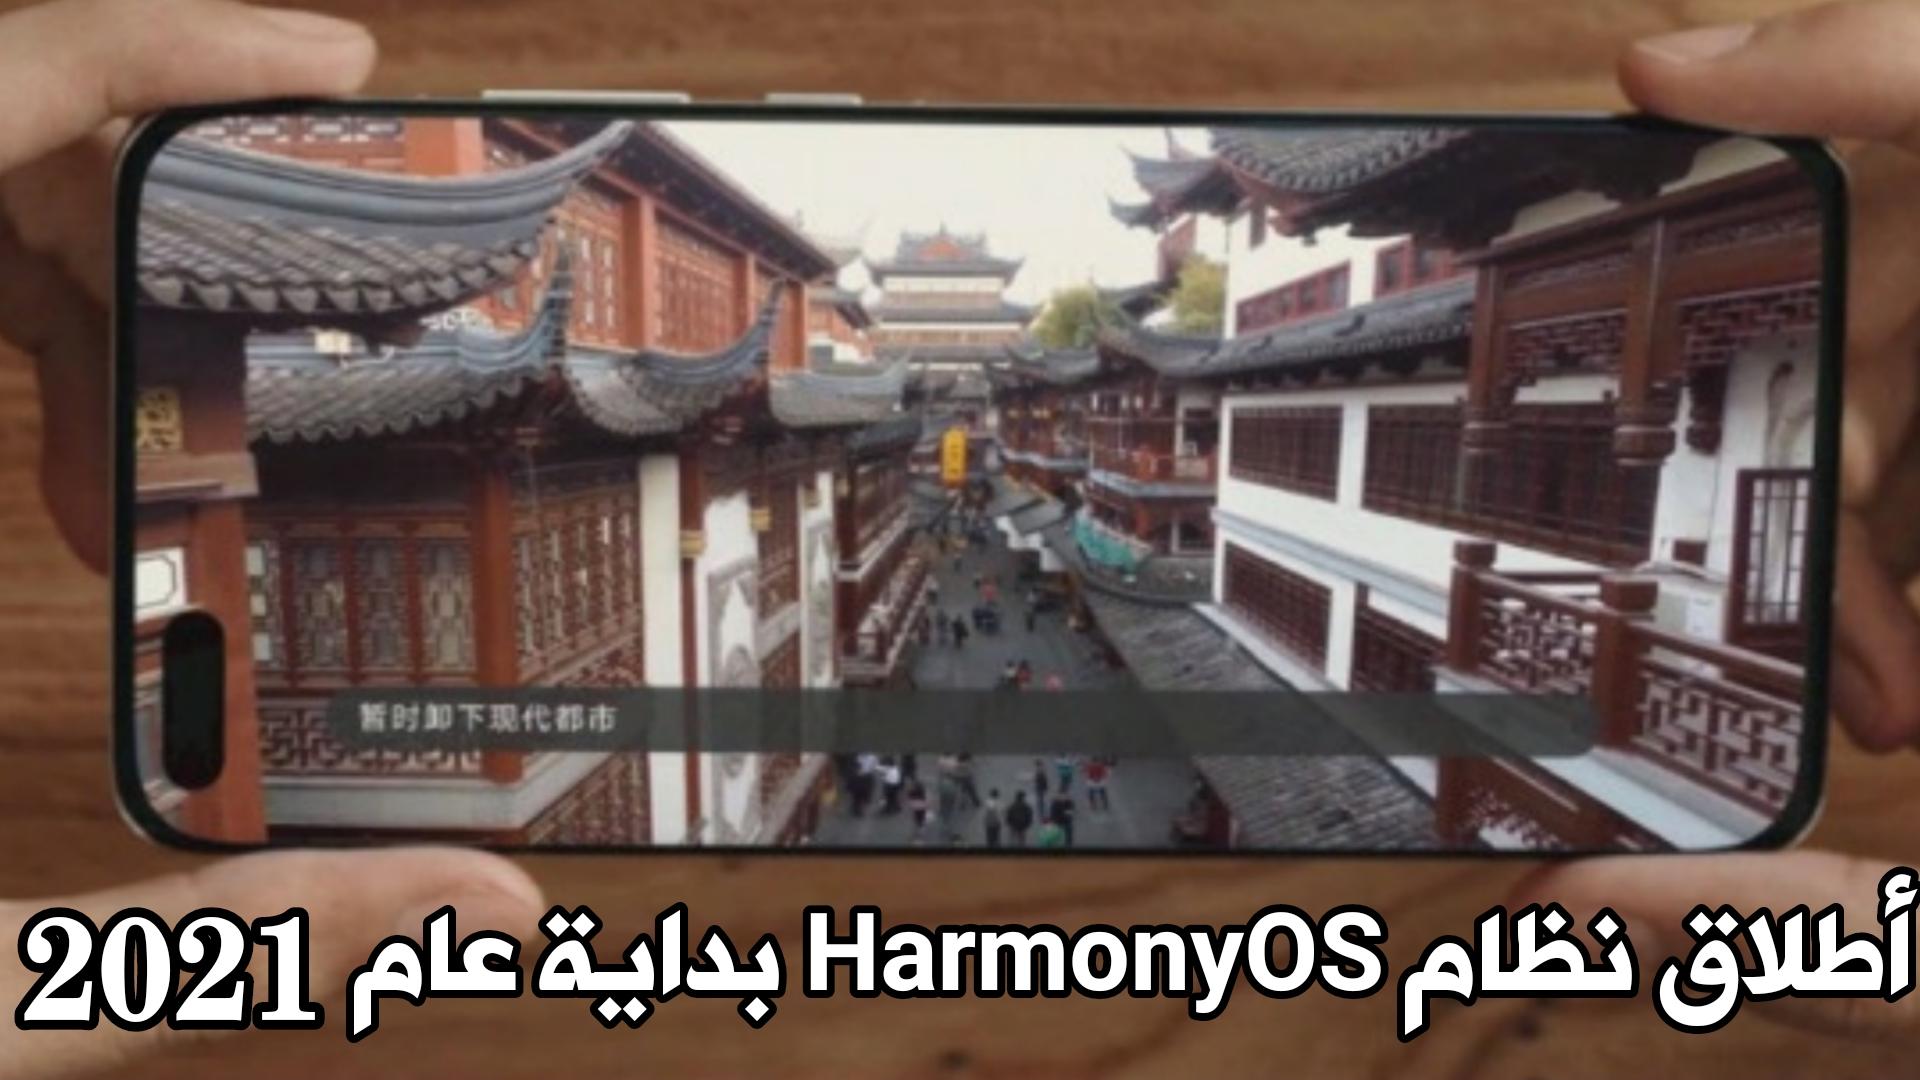 هواوي تعلن عن أطلاق نظام HarmonyOS بداية عام 2021